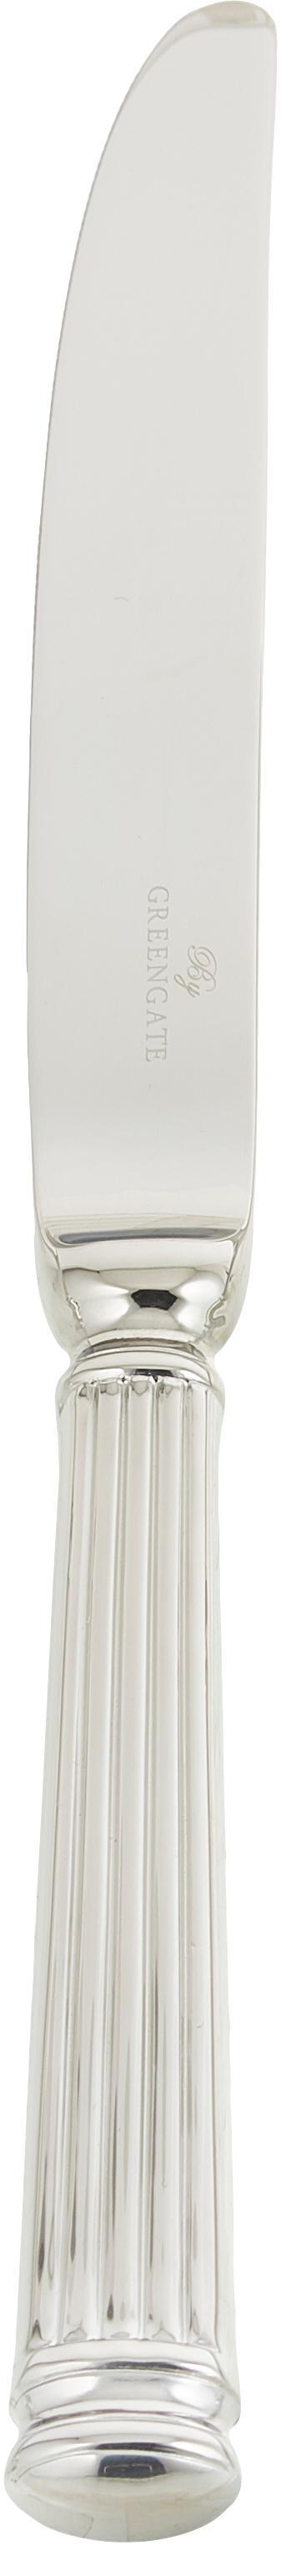 Posate argentate con struttura scanalata sul manico Elegance 4 pz, Acciaio inossidabile, rivestimento PVD, Acciaio inossidabile, Lung. 21 cm